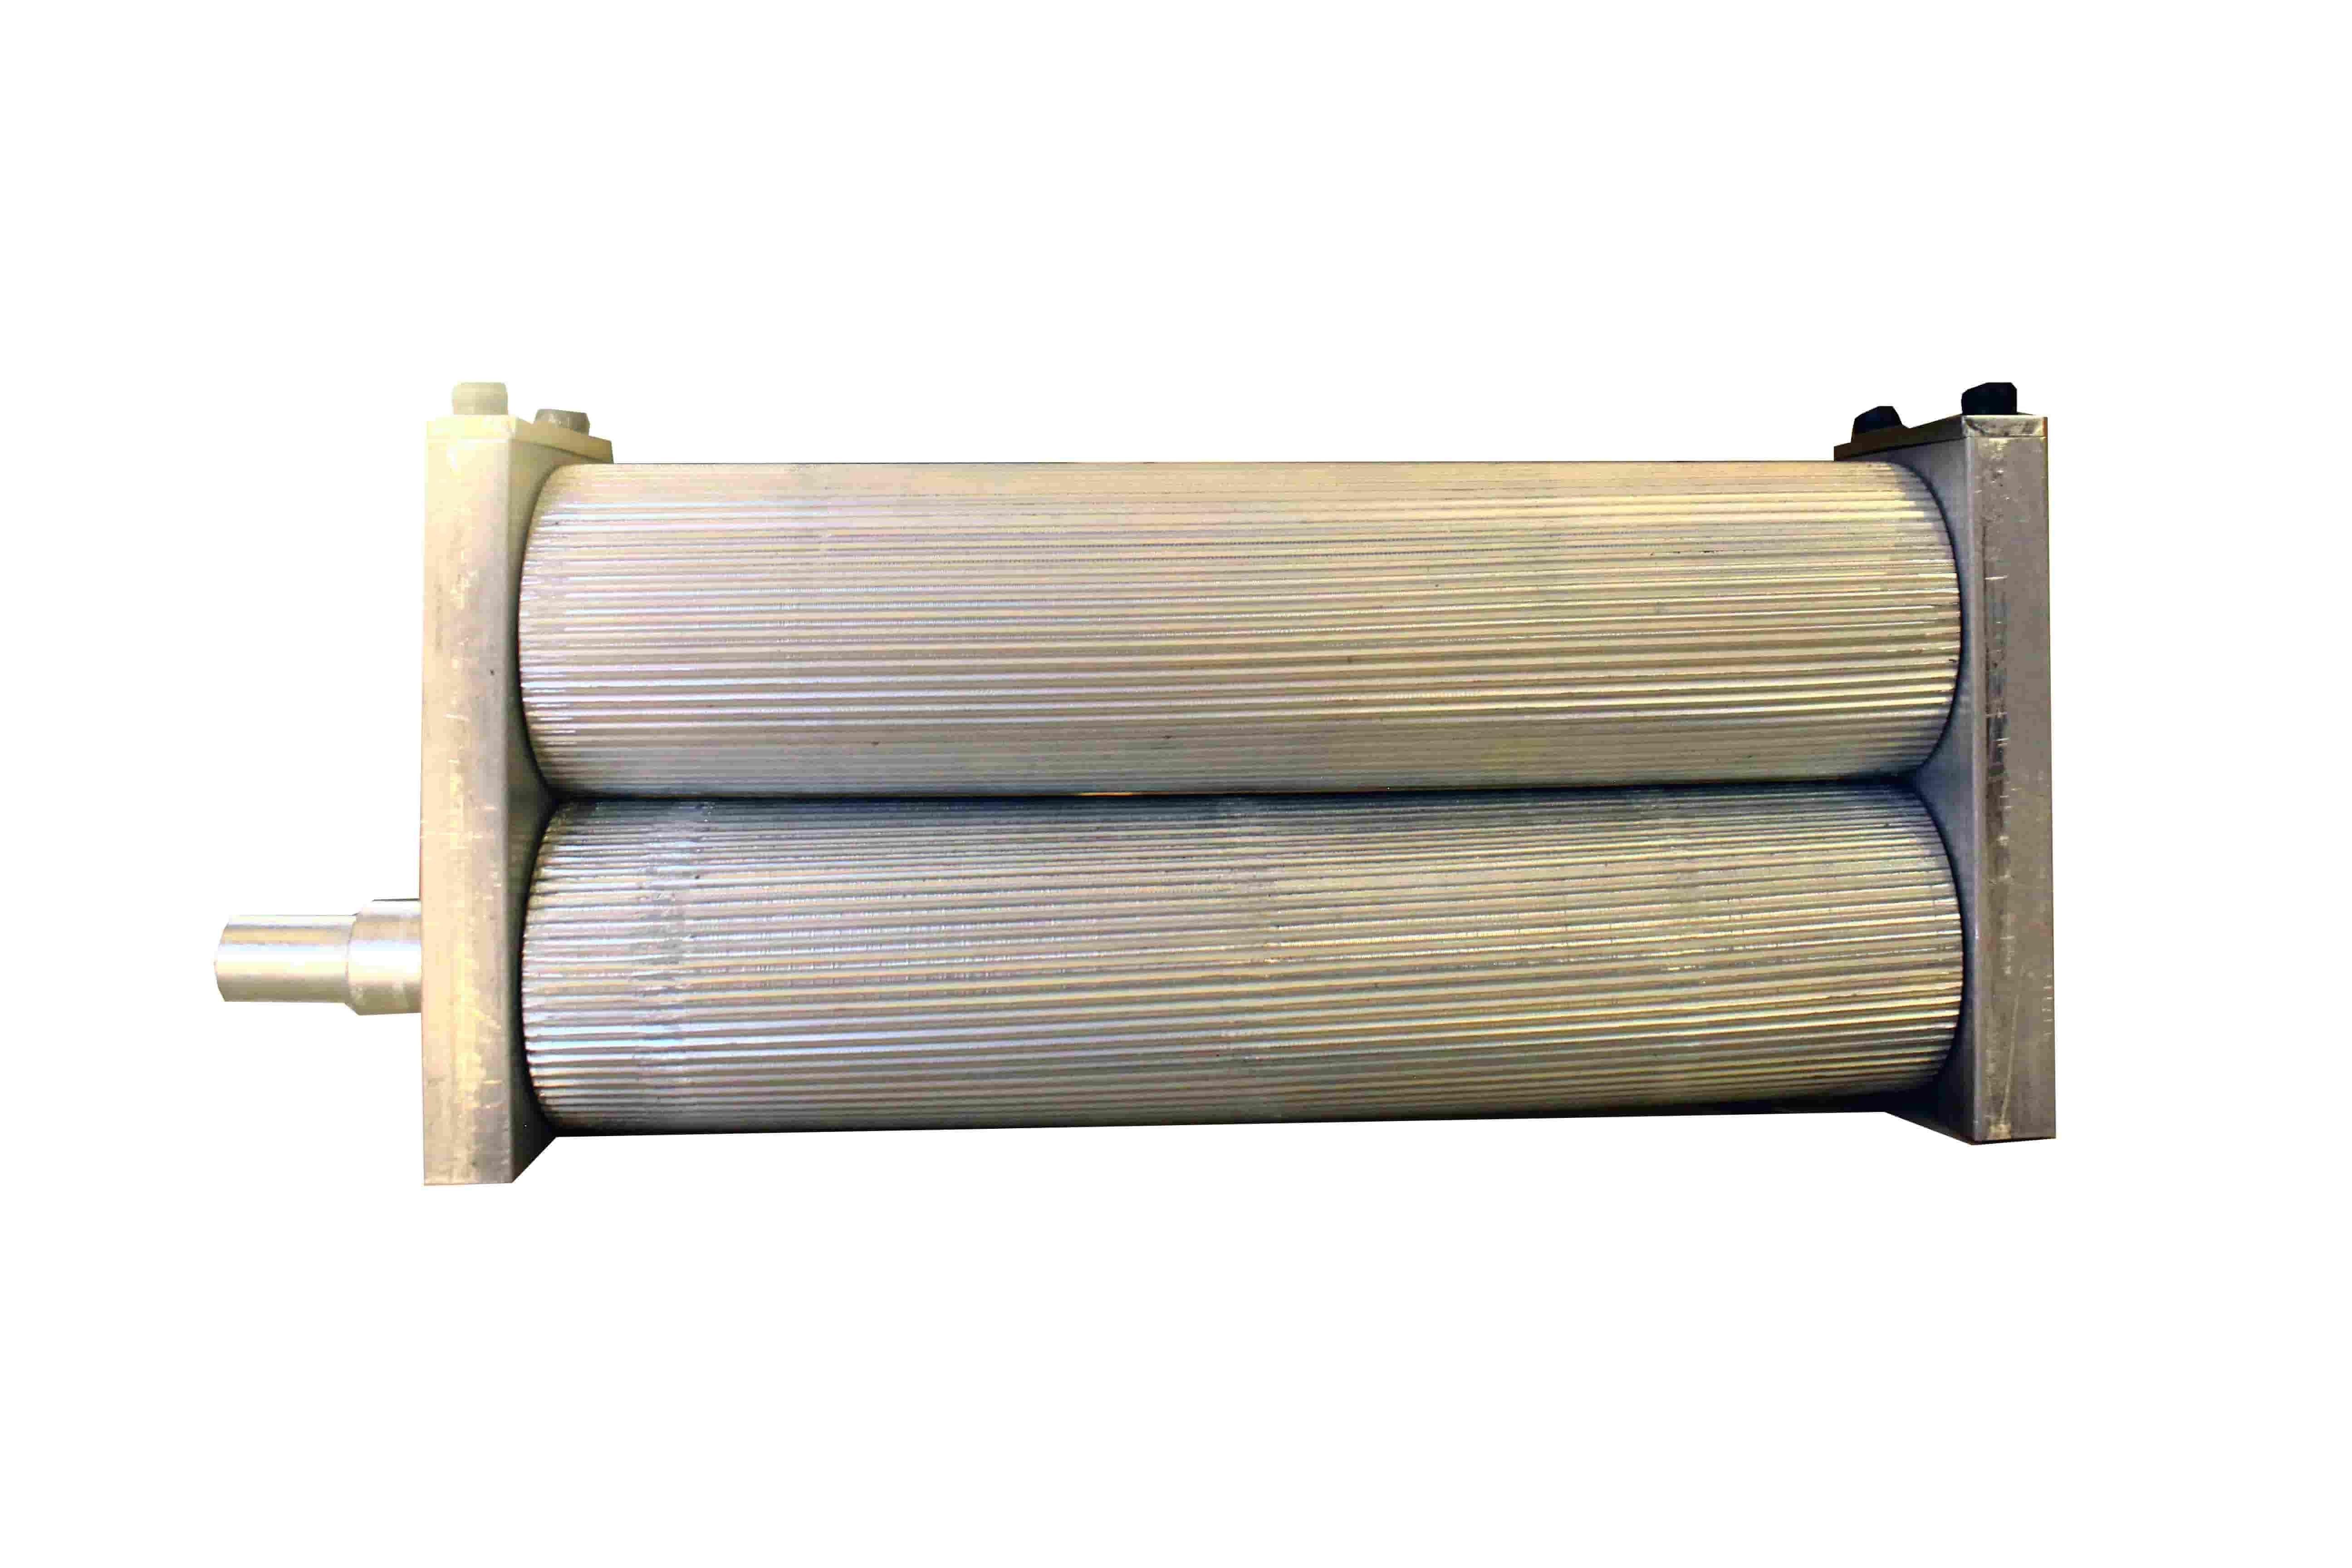 Caja de rodillos con rodamientos para molino de malta